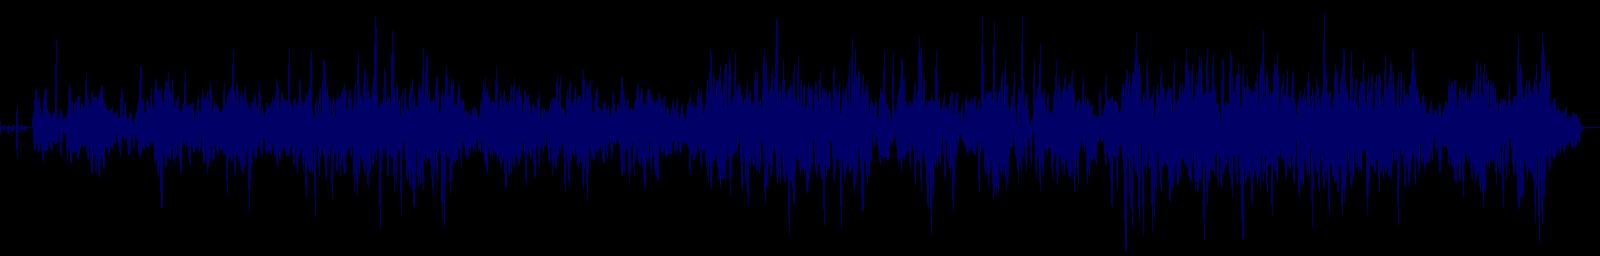 waveform of track #152493